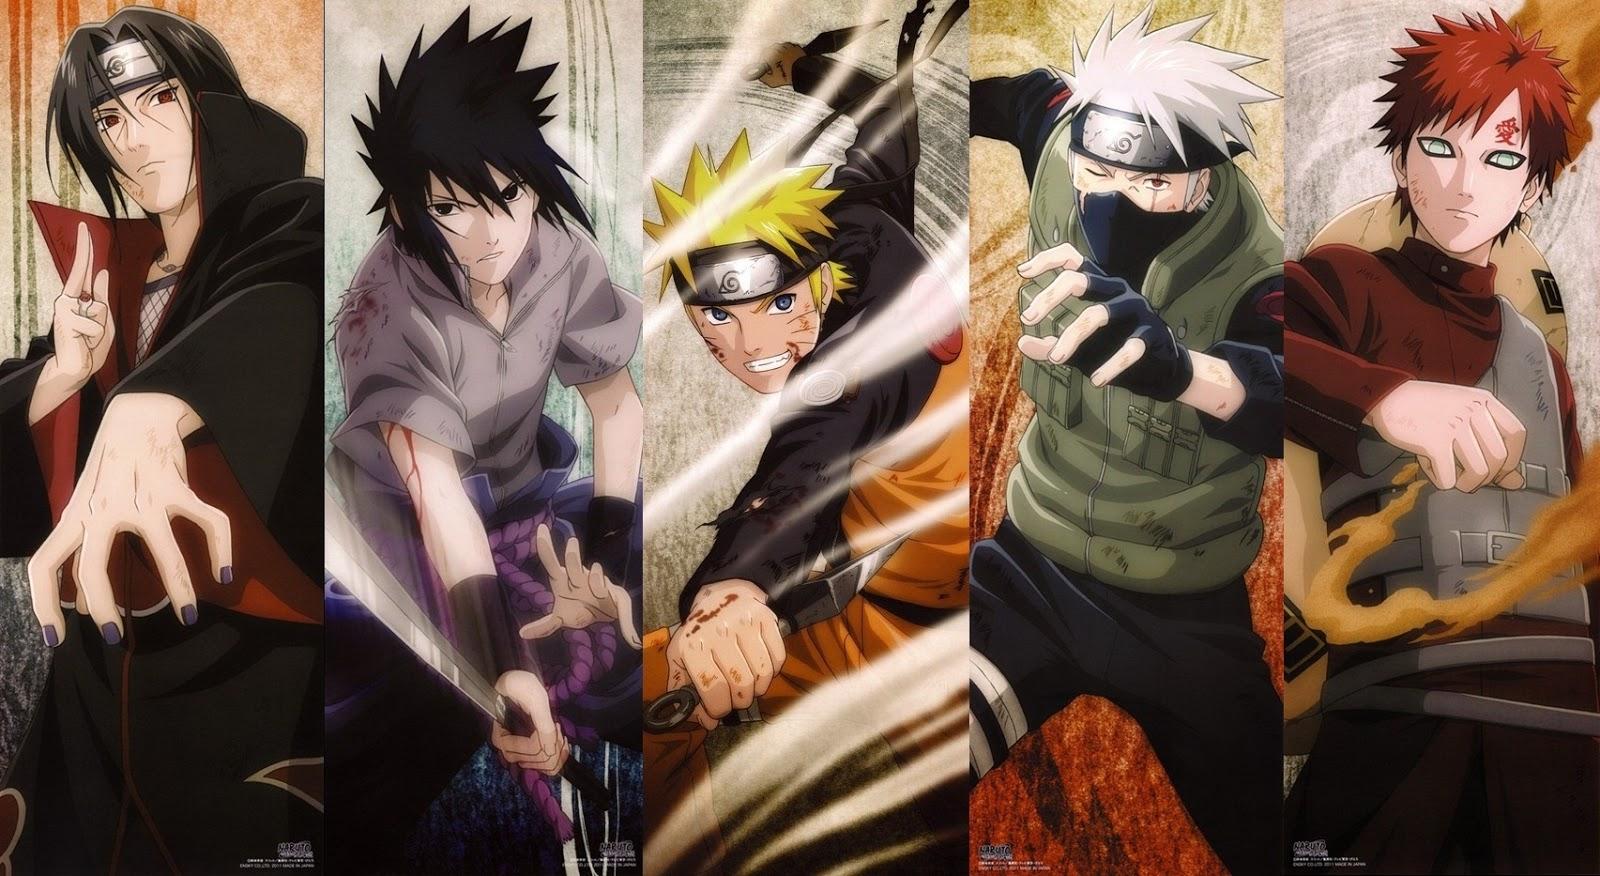 Itachi,Sasuke,Naruto,Kakashi,Gaara.